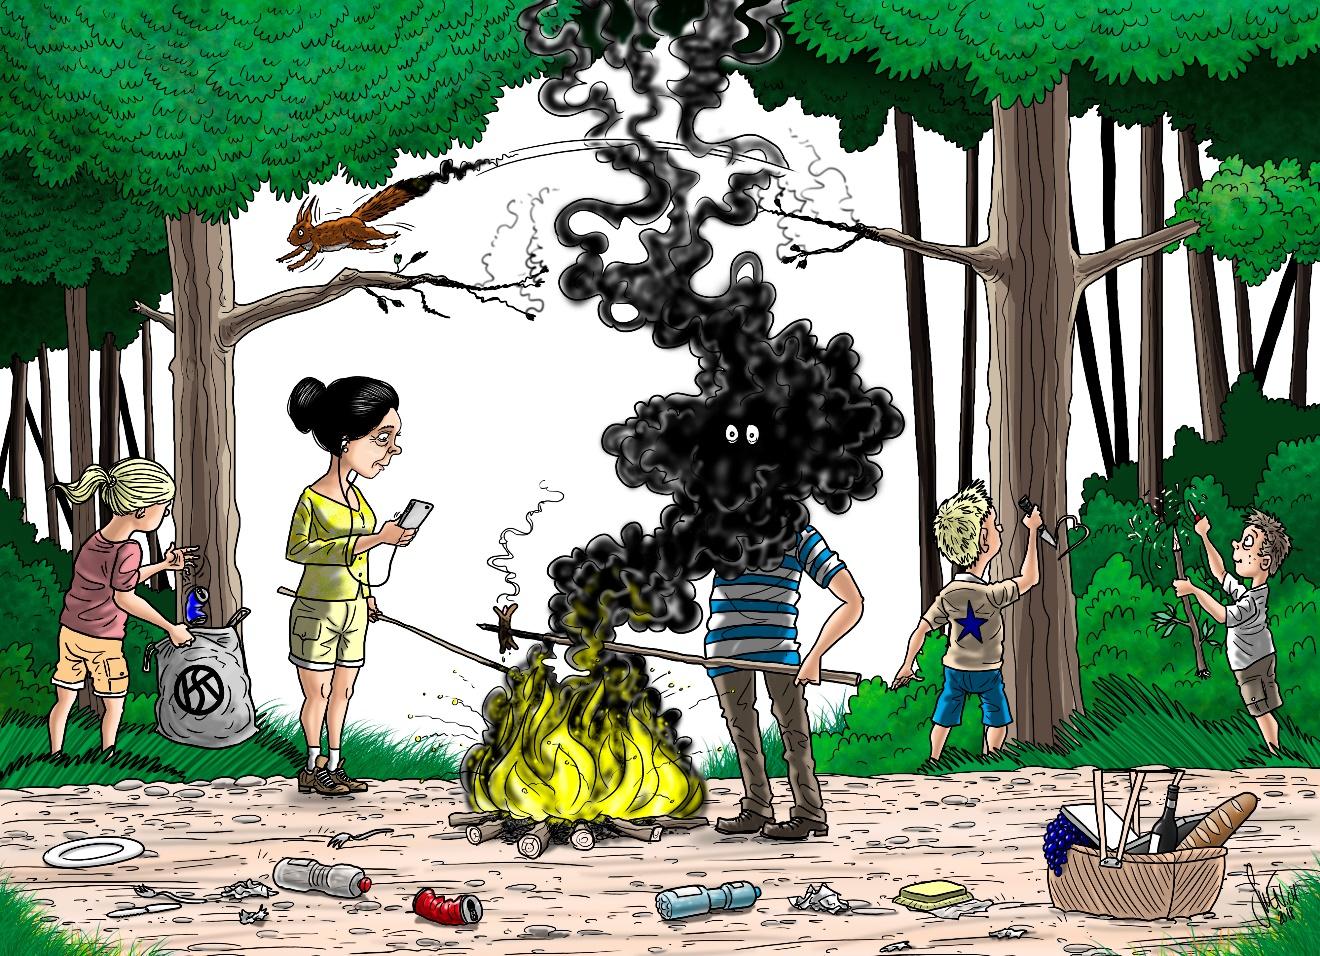 Grillez vos cervelats, pas la forêt